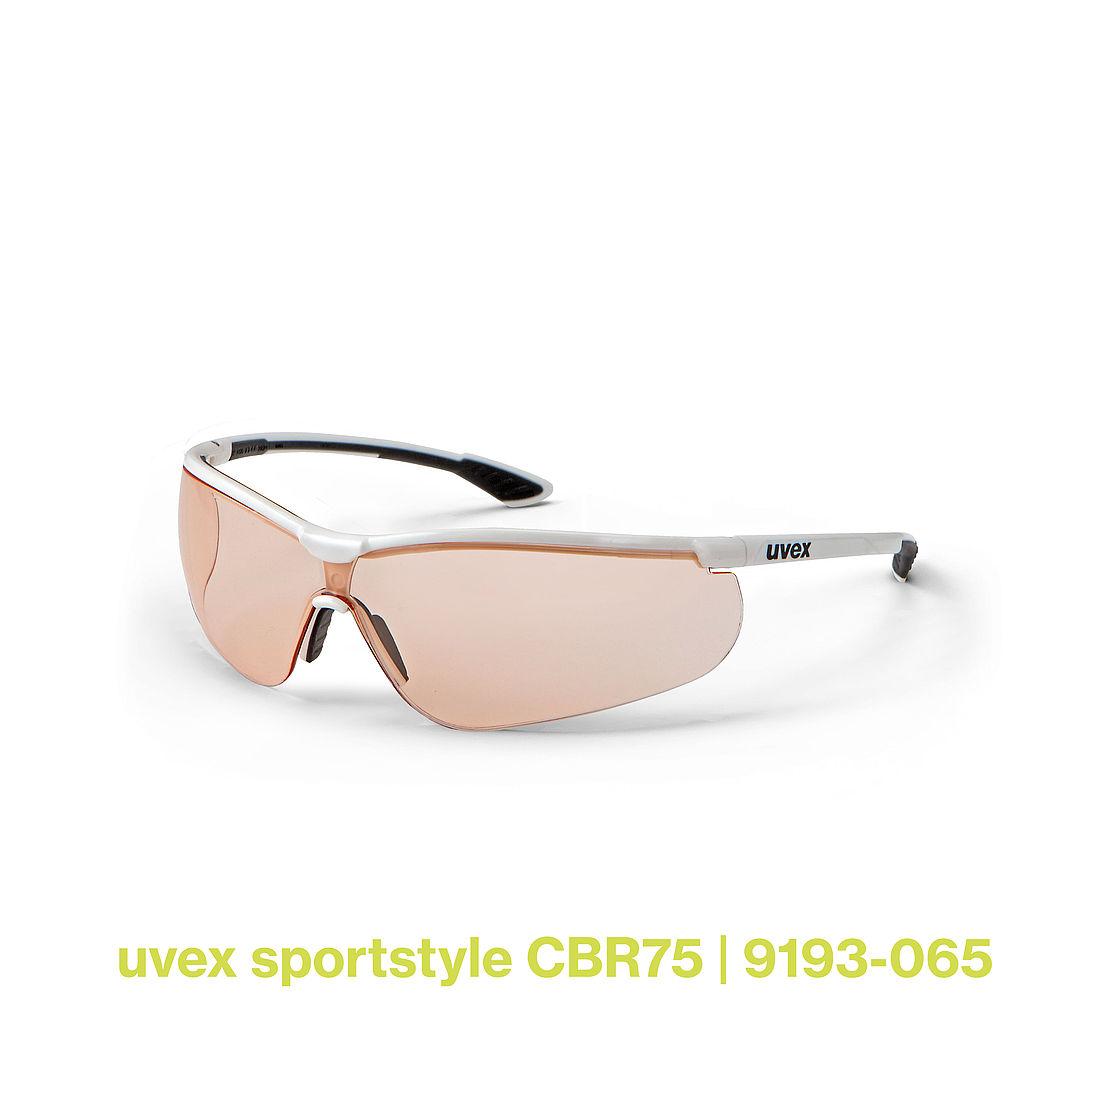 uvex safety glasses defence